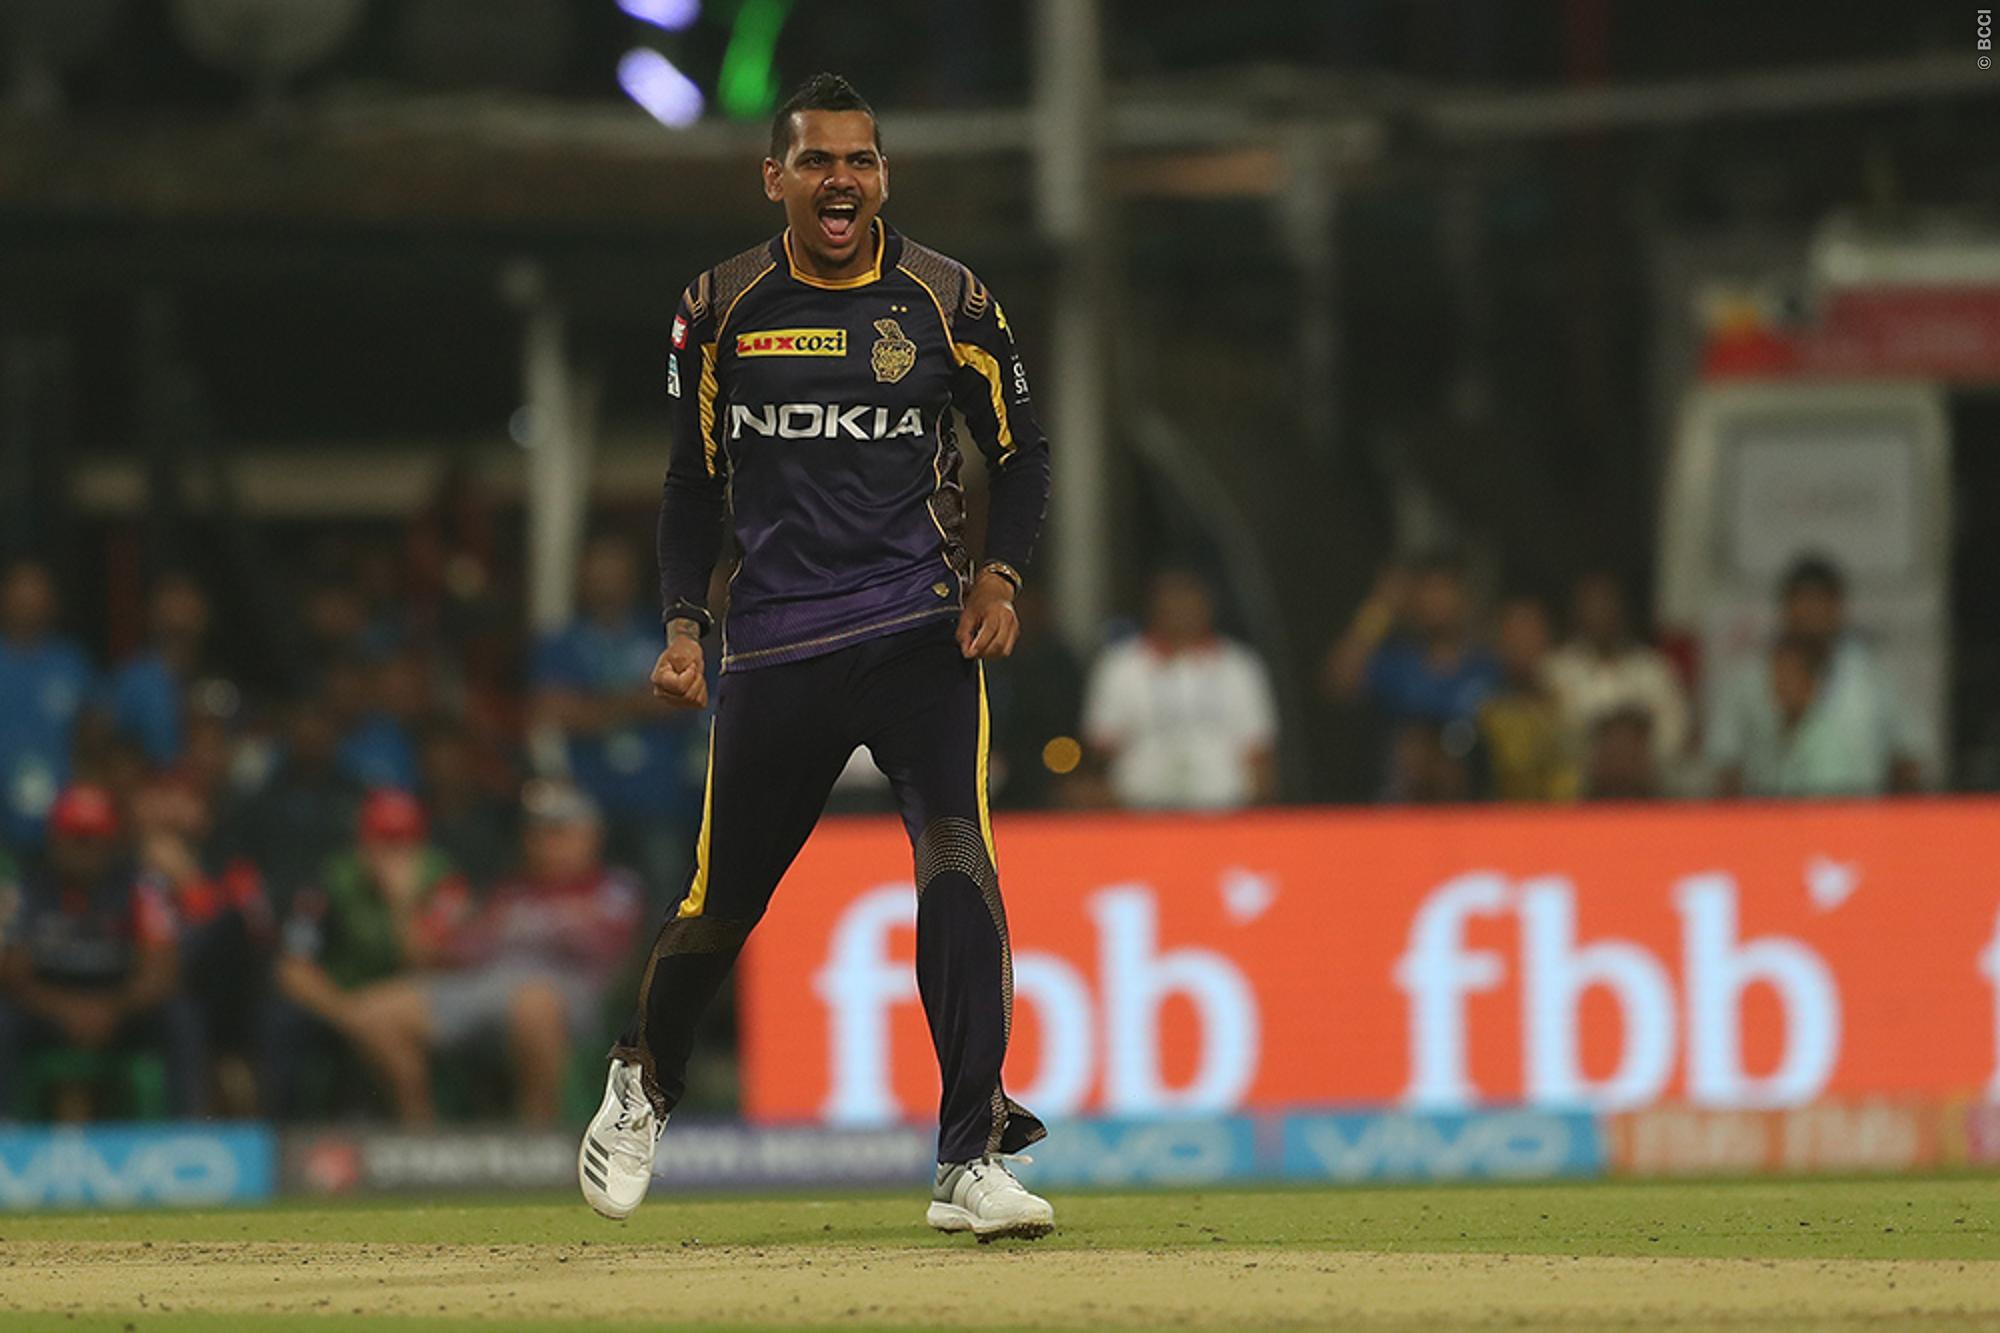 RECORD: आईपीएल इतिहास के वो खिलाड़ी जिन्होंने बनाये 300 से ज्यादा रन और लिए 15 से अधिक विकेट 21